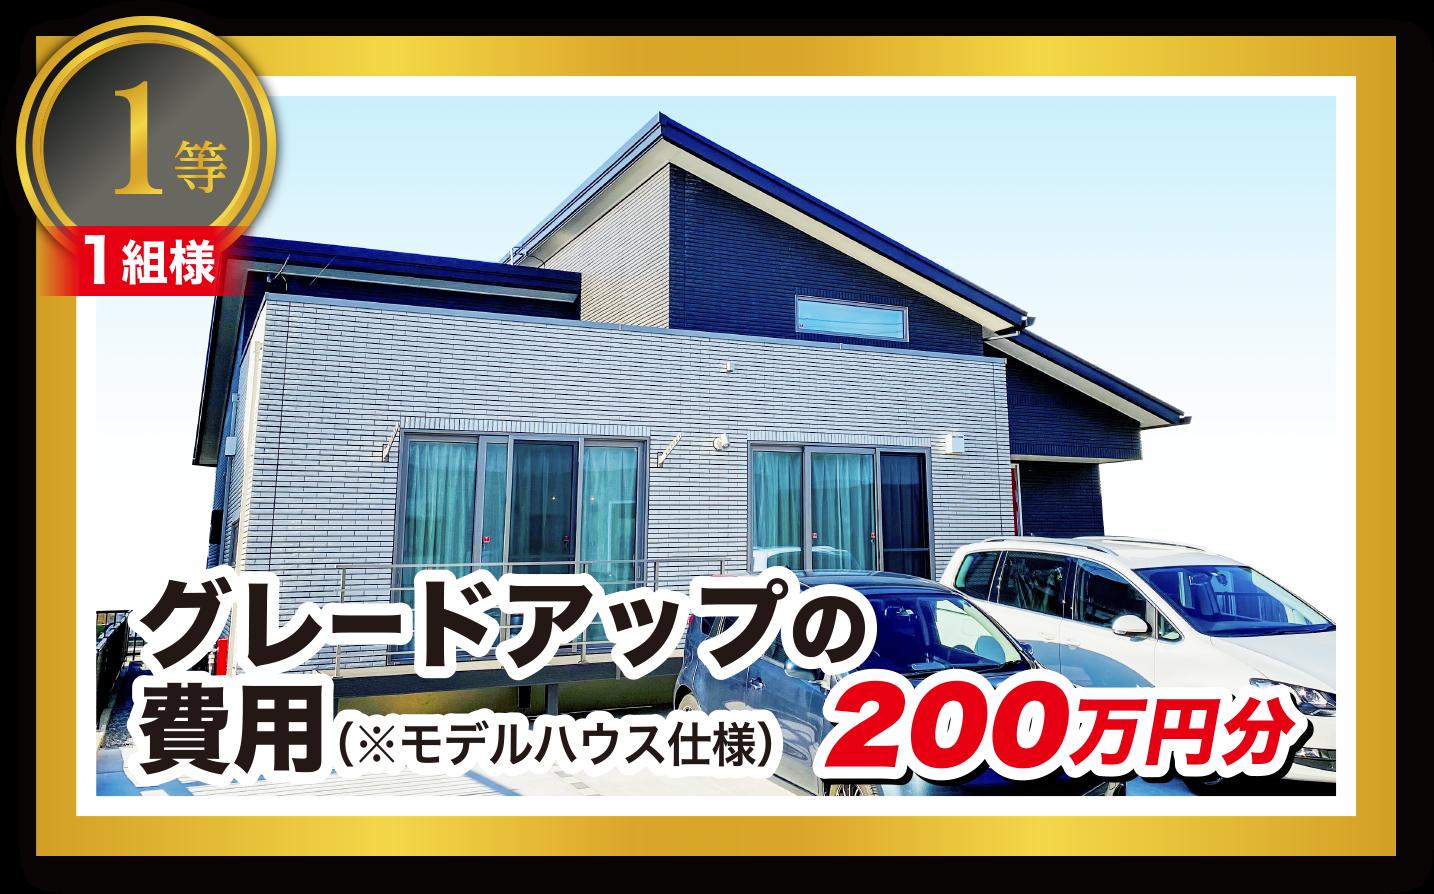 1等:グレードアップの費用(モデルハウス仕様)|200万円分(1組様)